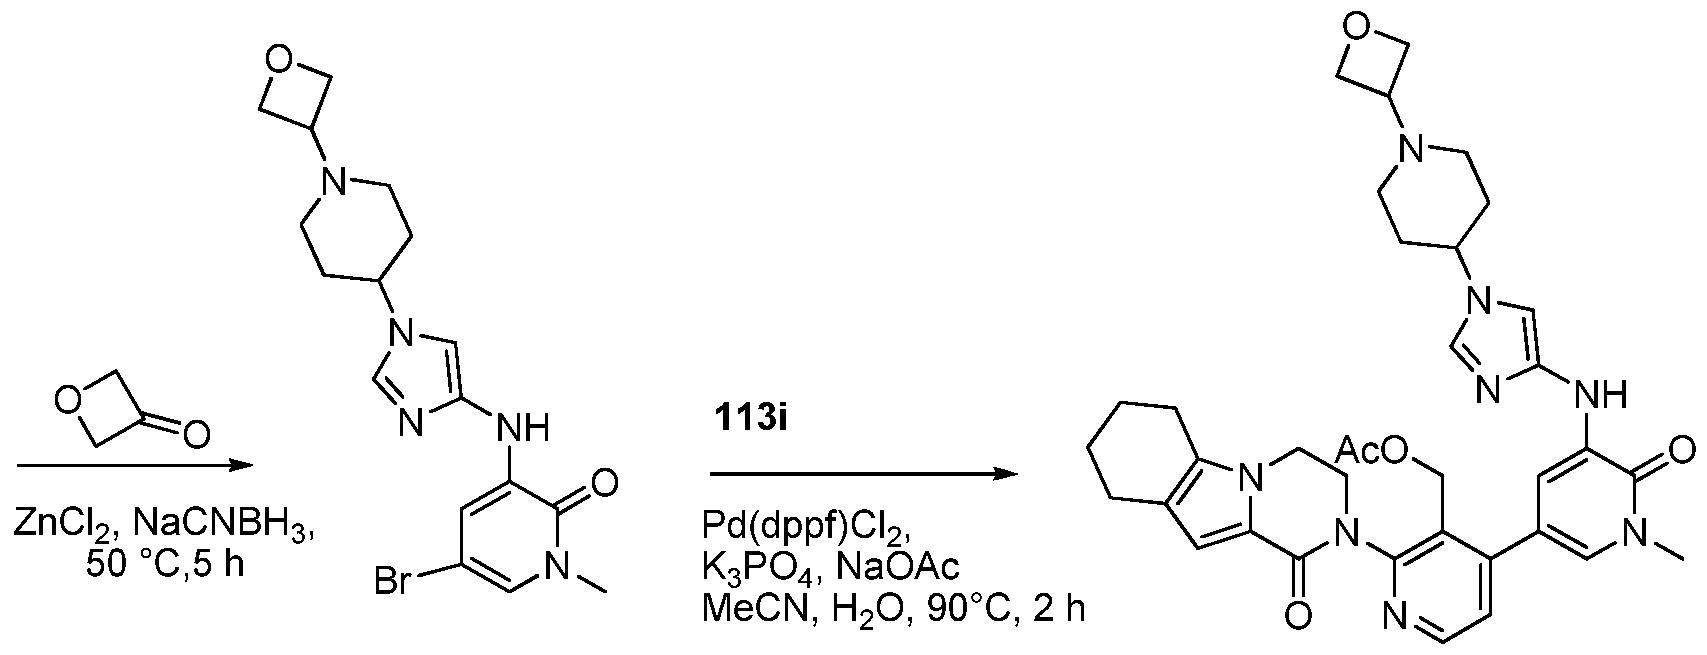 Figure imgf000347_0002